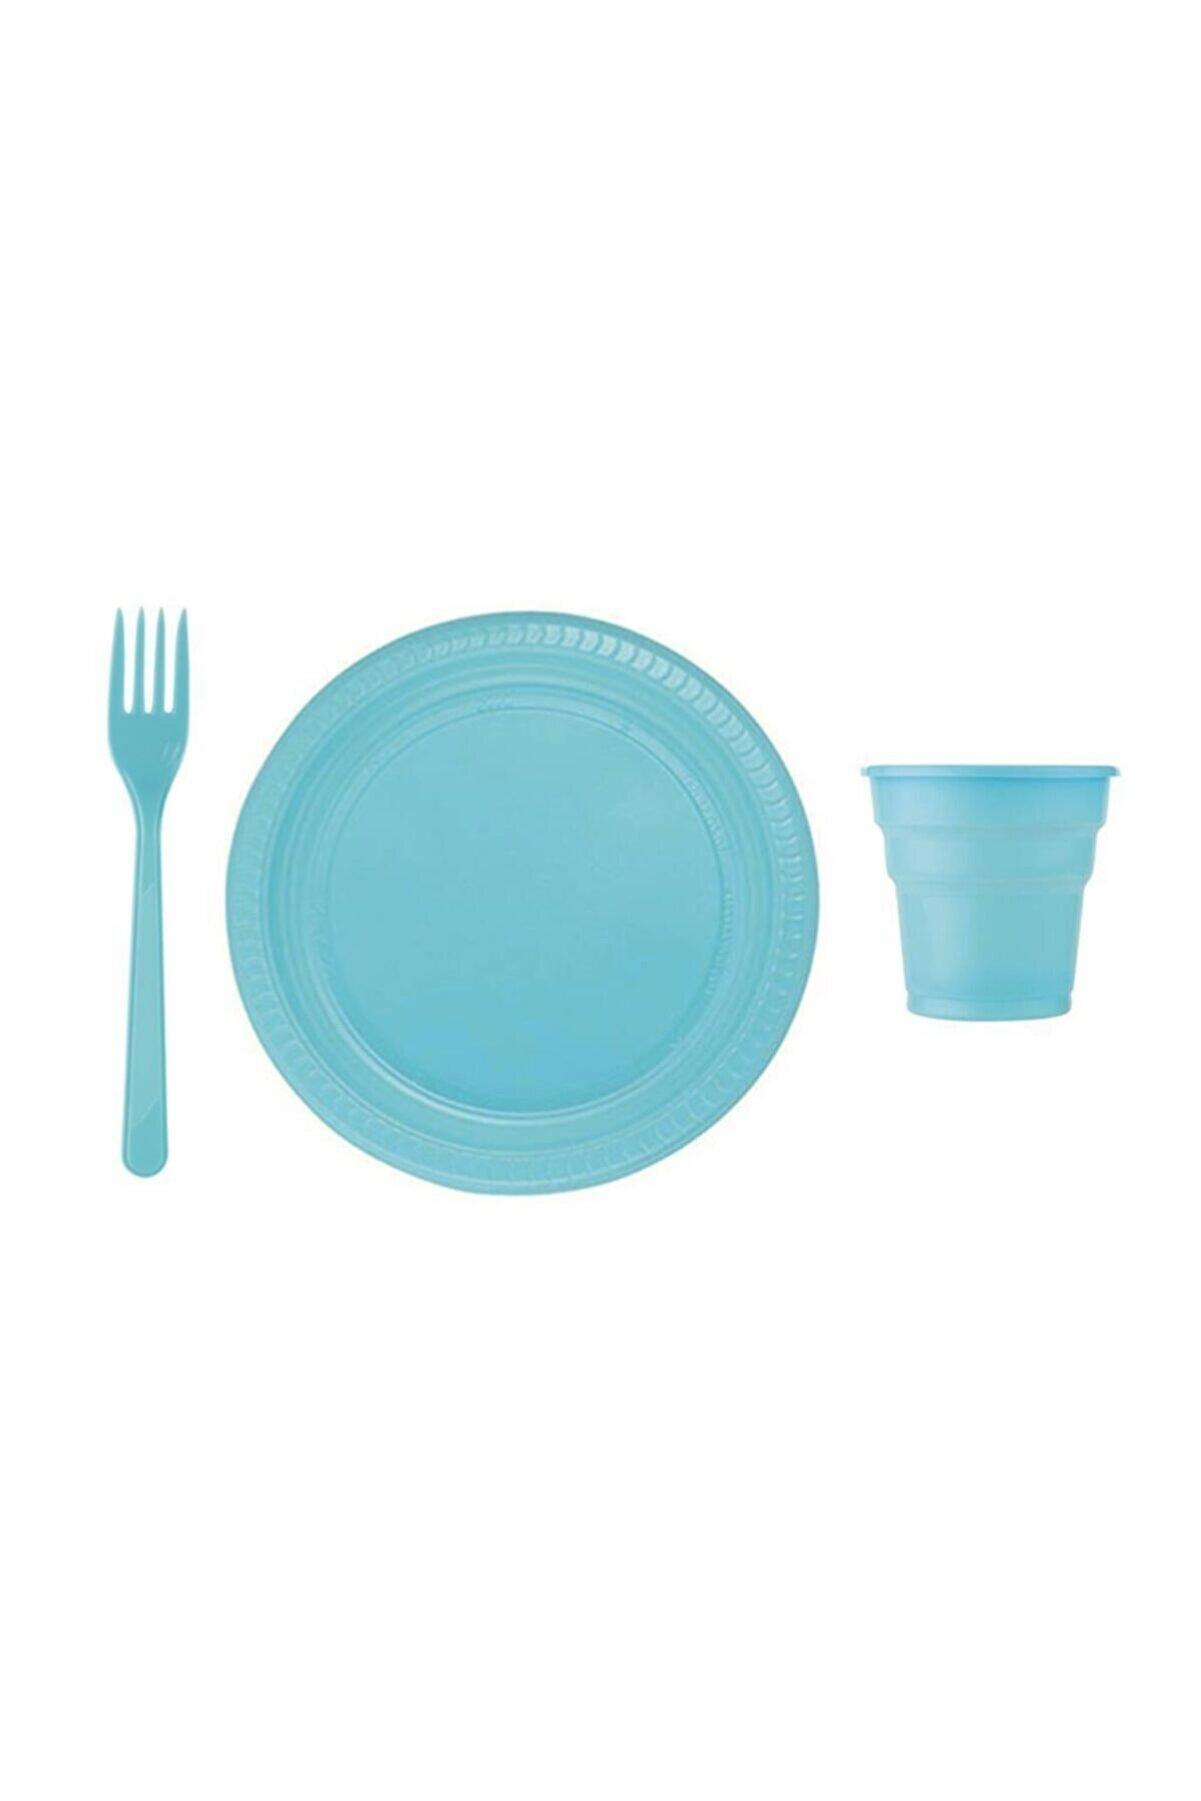 ÇELİKPENÇE 25 Kişilik Mavi Lüx Plastik Tabak, Bardak, Çatal Seti